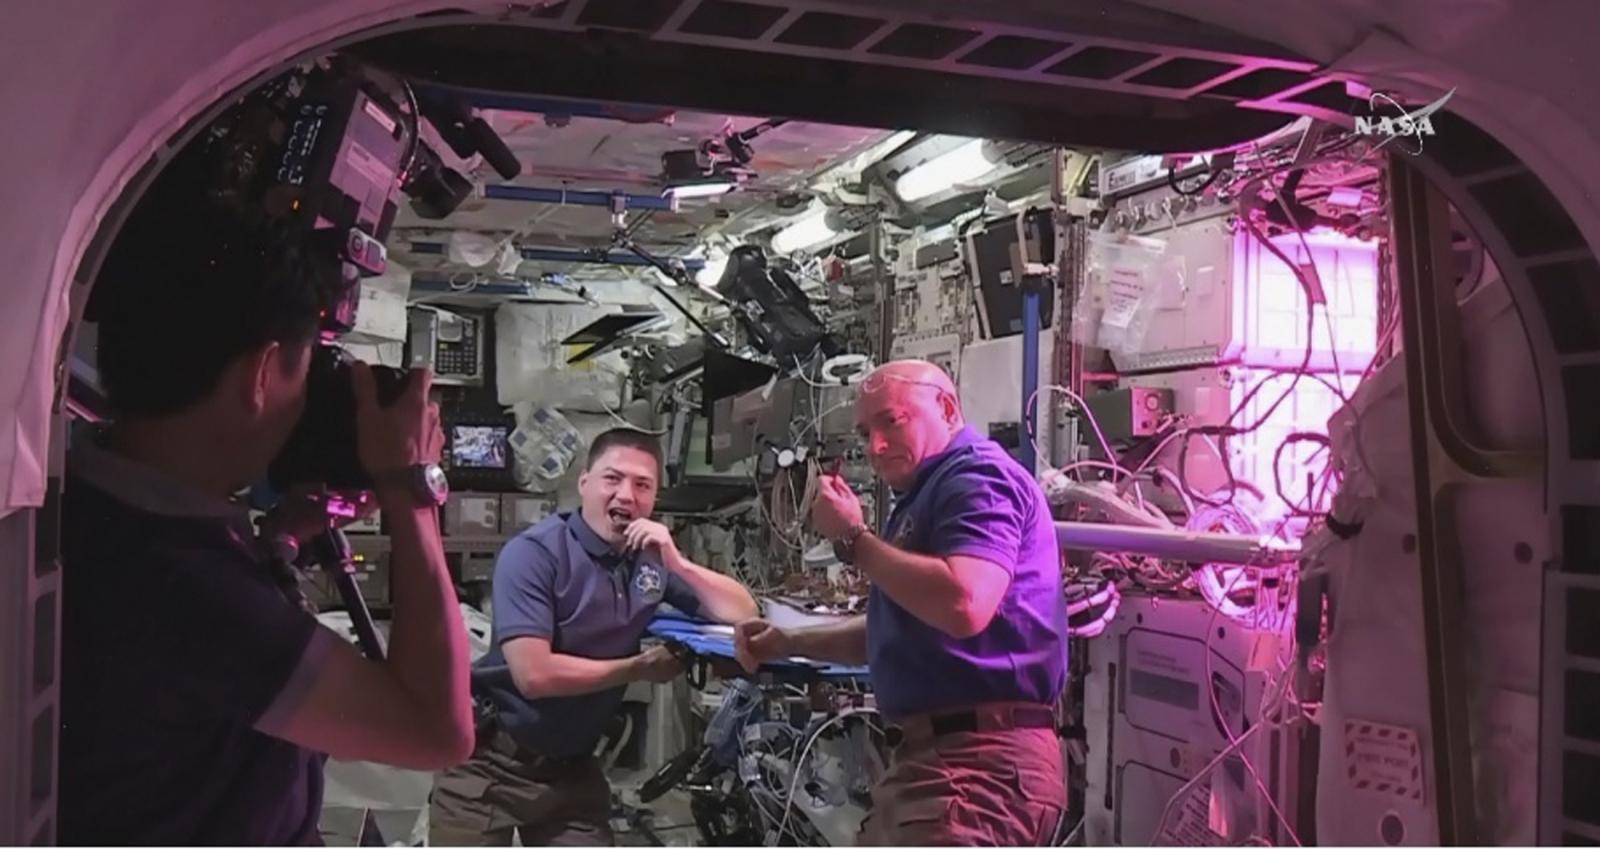 Astronauts Kjell Lindgren (L) and